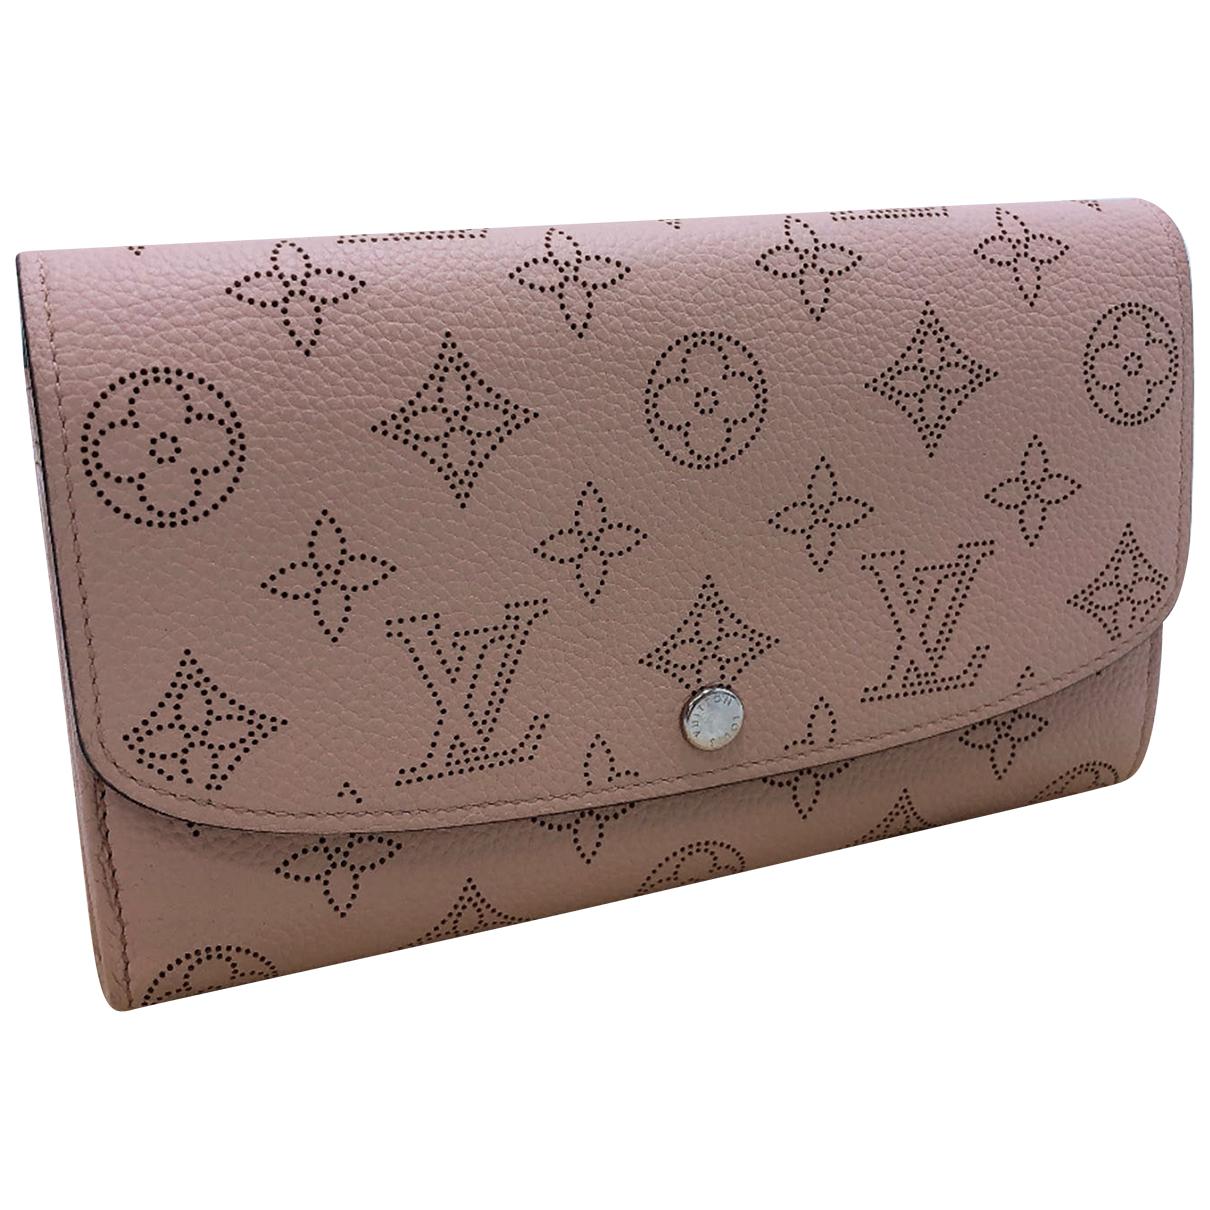 Louis Vuitton - Portefeuille Mahina pour femme en cuir - rose